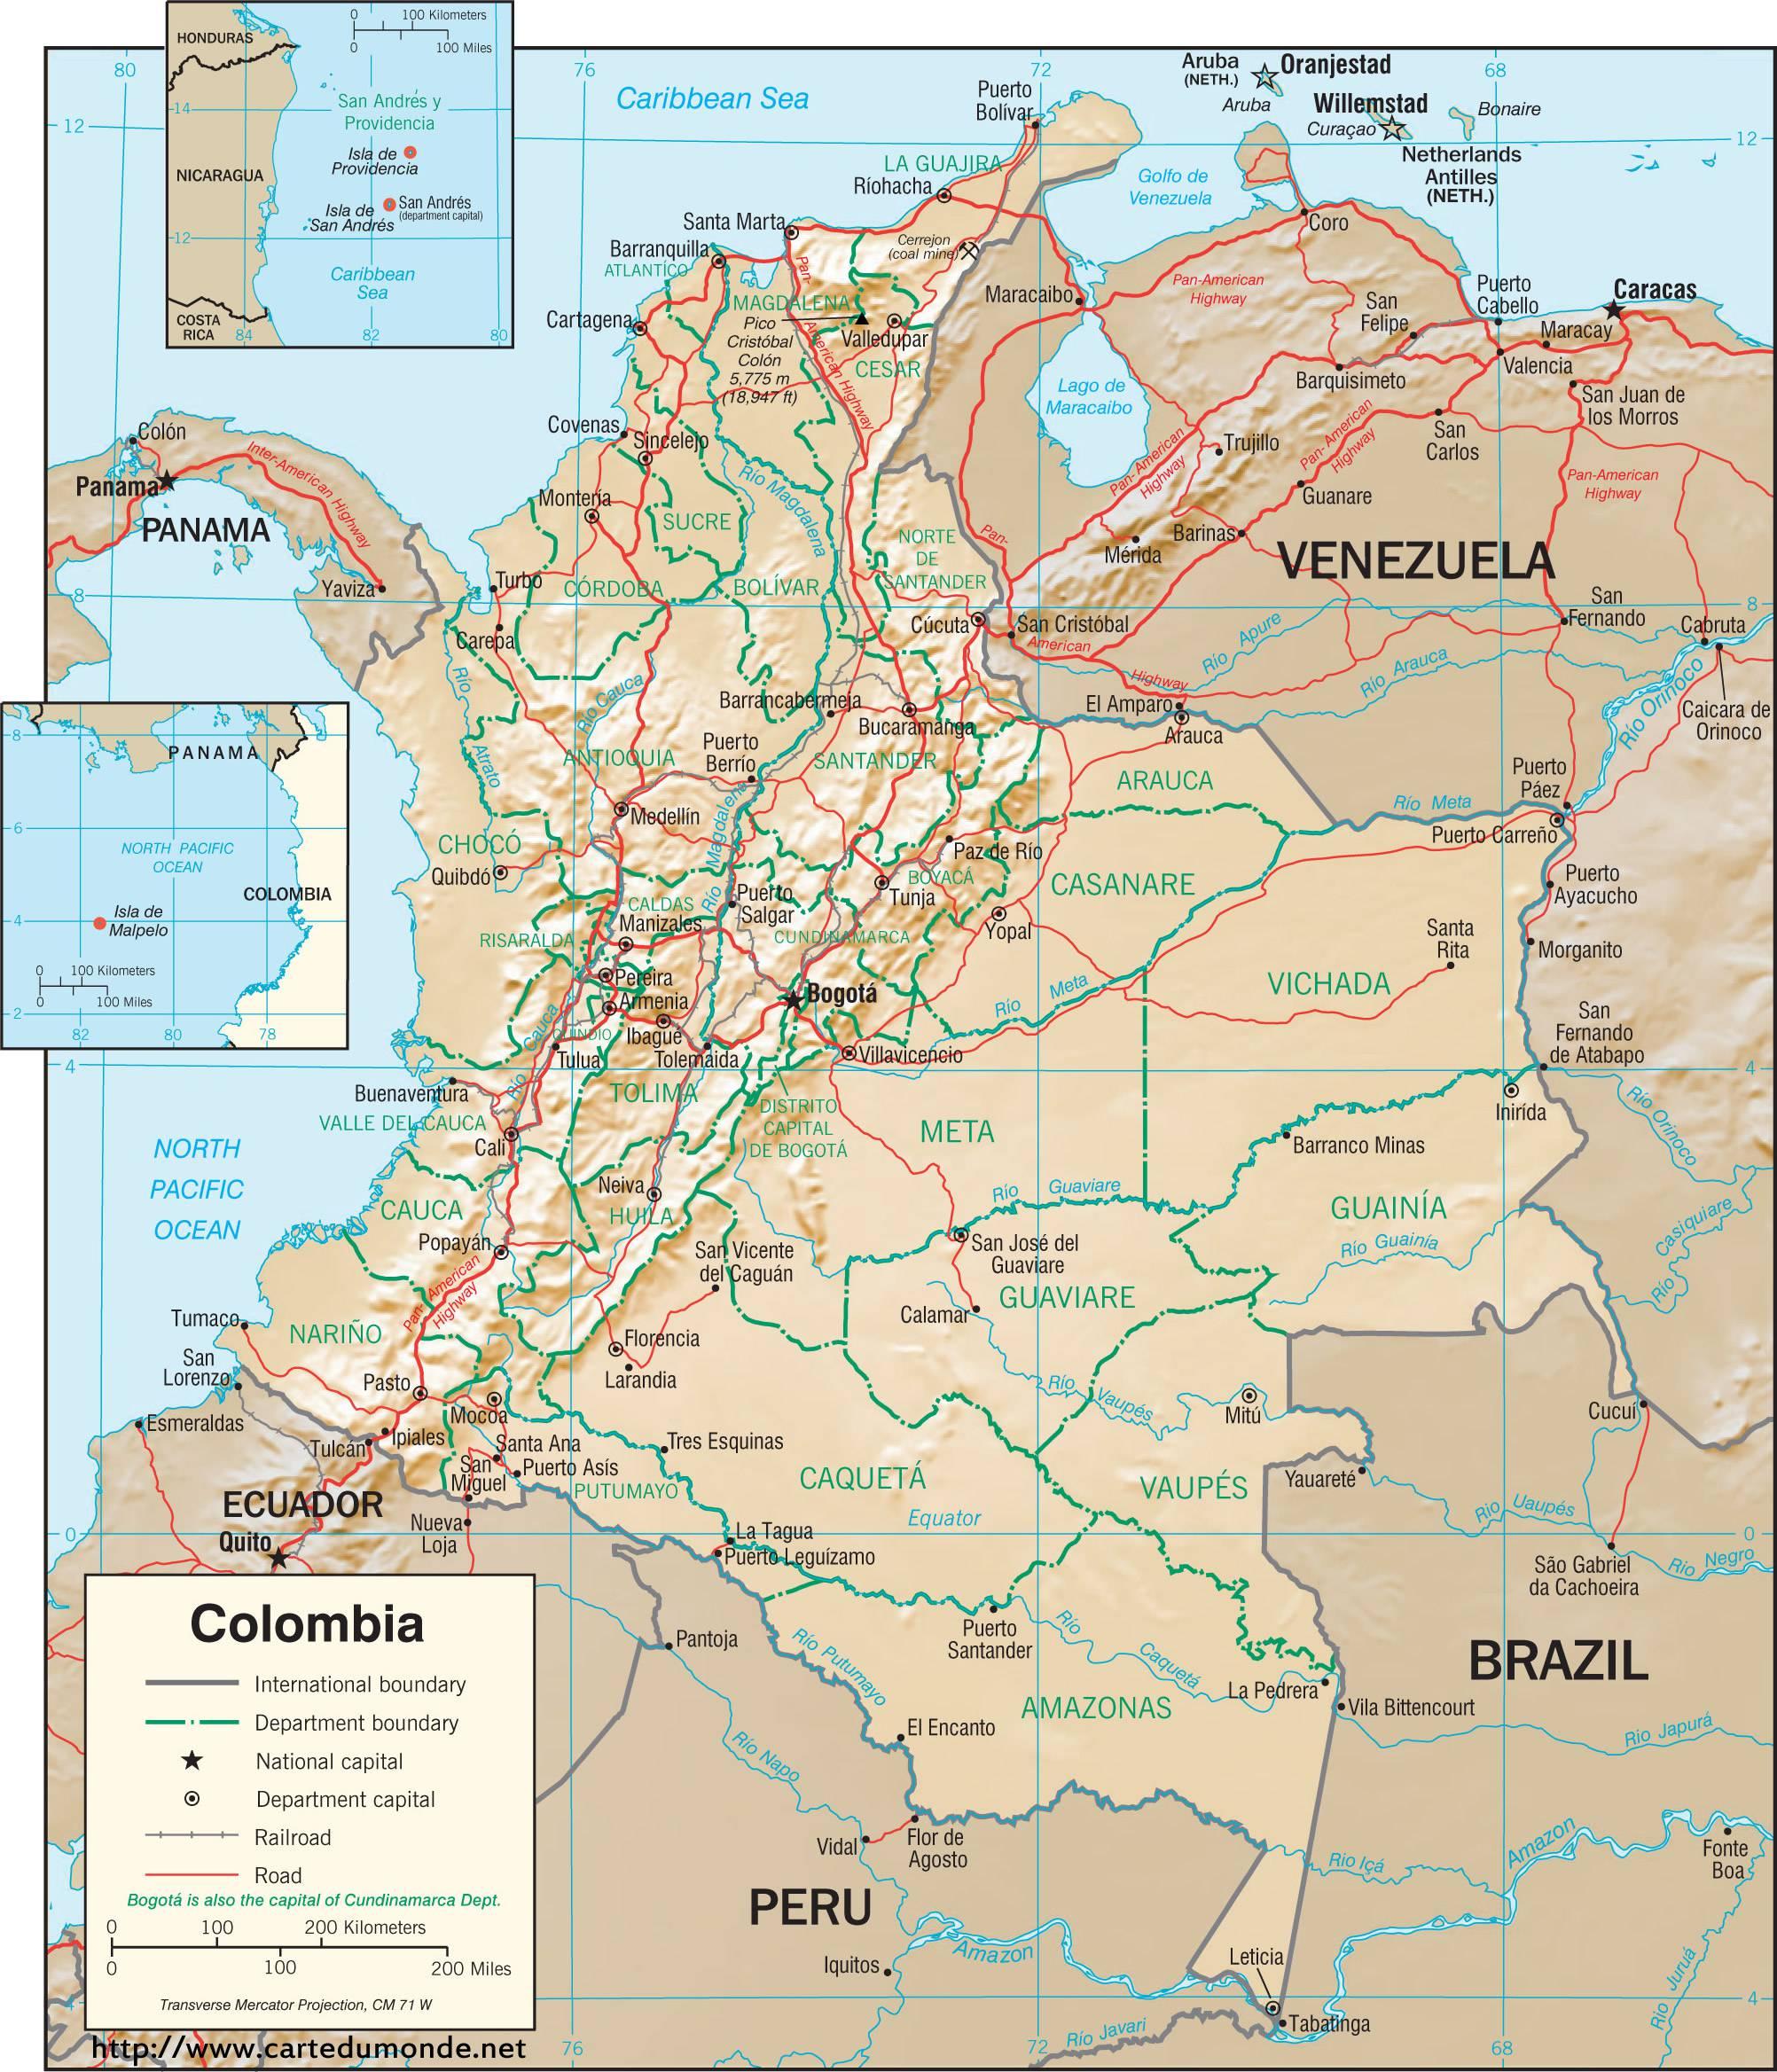 Carte détaillée de la Colombie